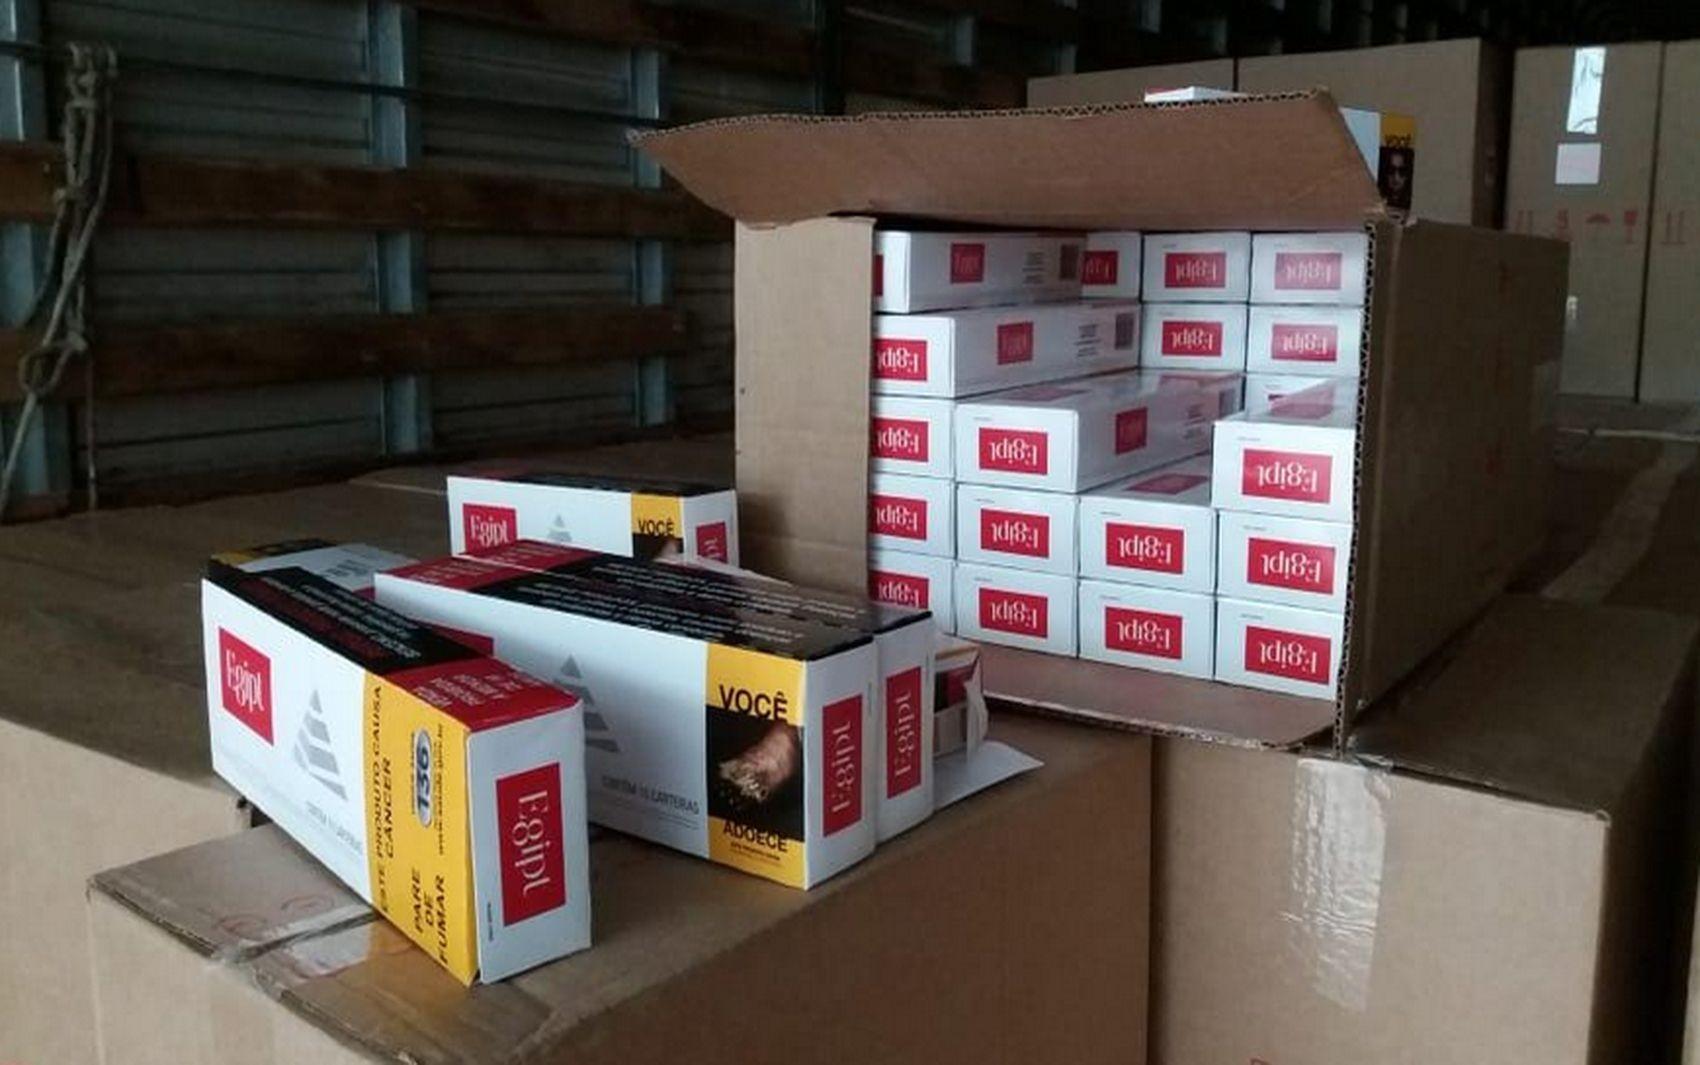 Contrabando de cigarros rende R$ 113 milhões em Sergipe no ano de 2019, diz instituto - Notícias - Plantão Diário